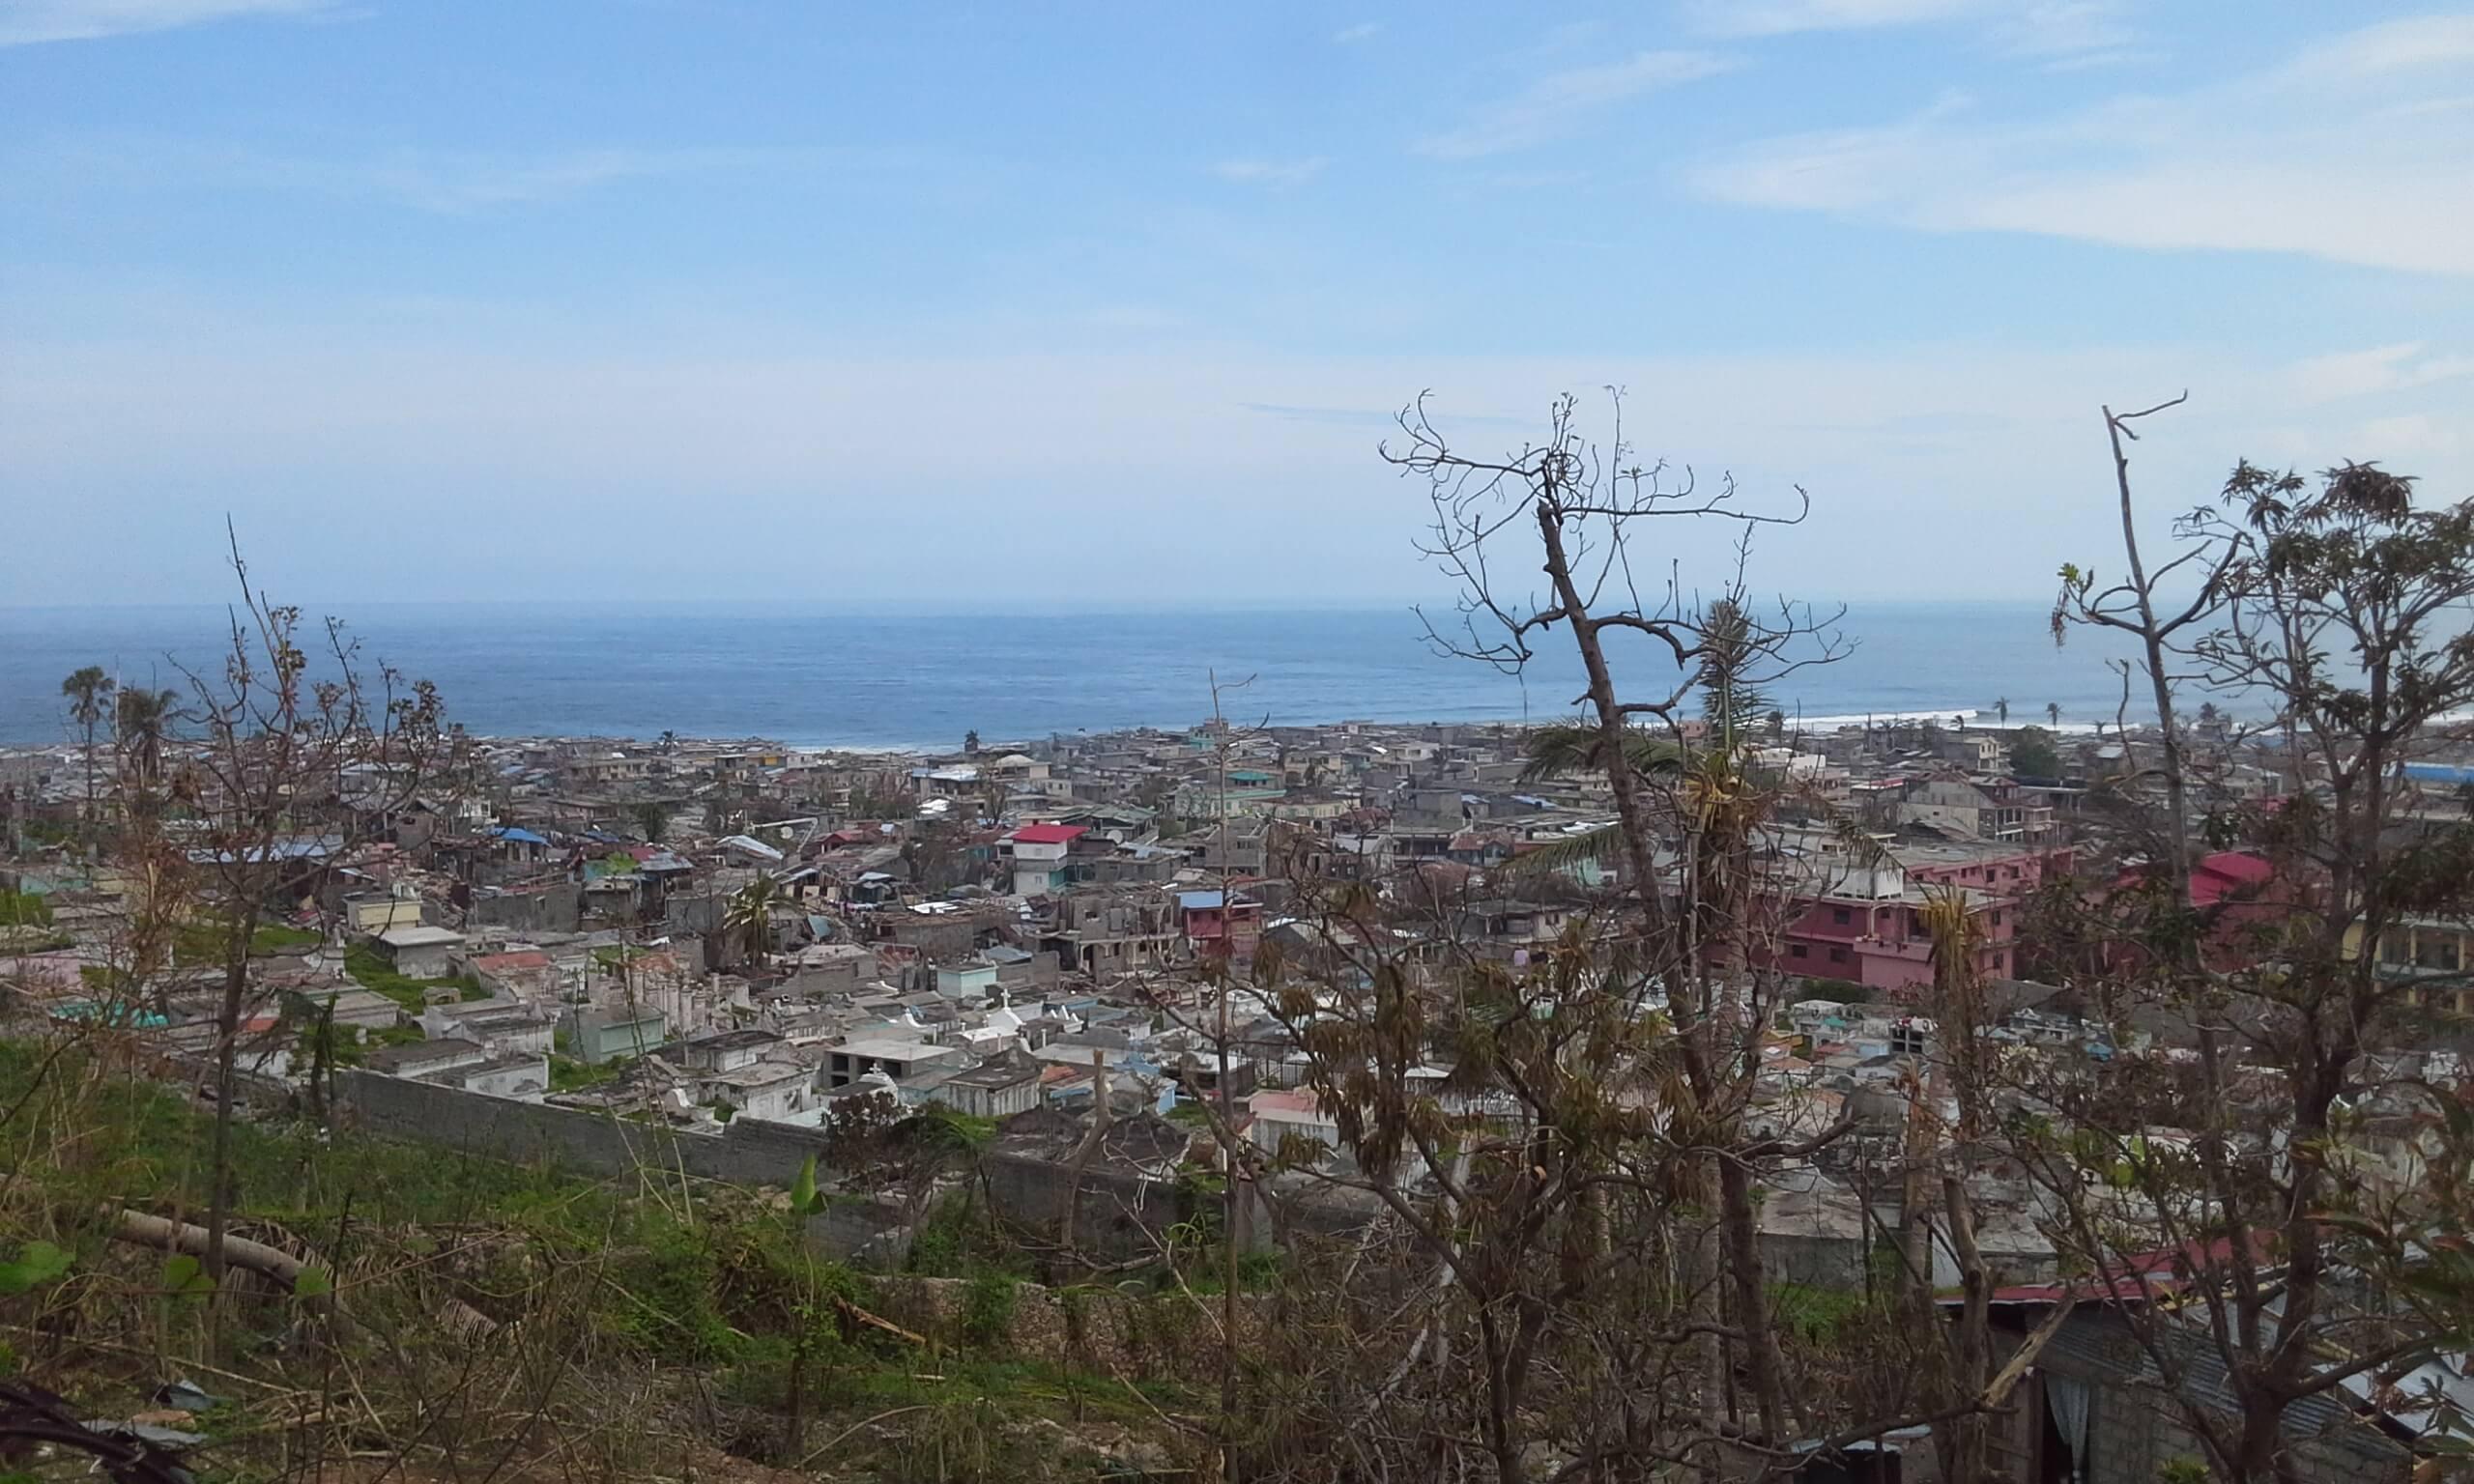 Ajudando a reconstruir o Haiti após o furacão